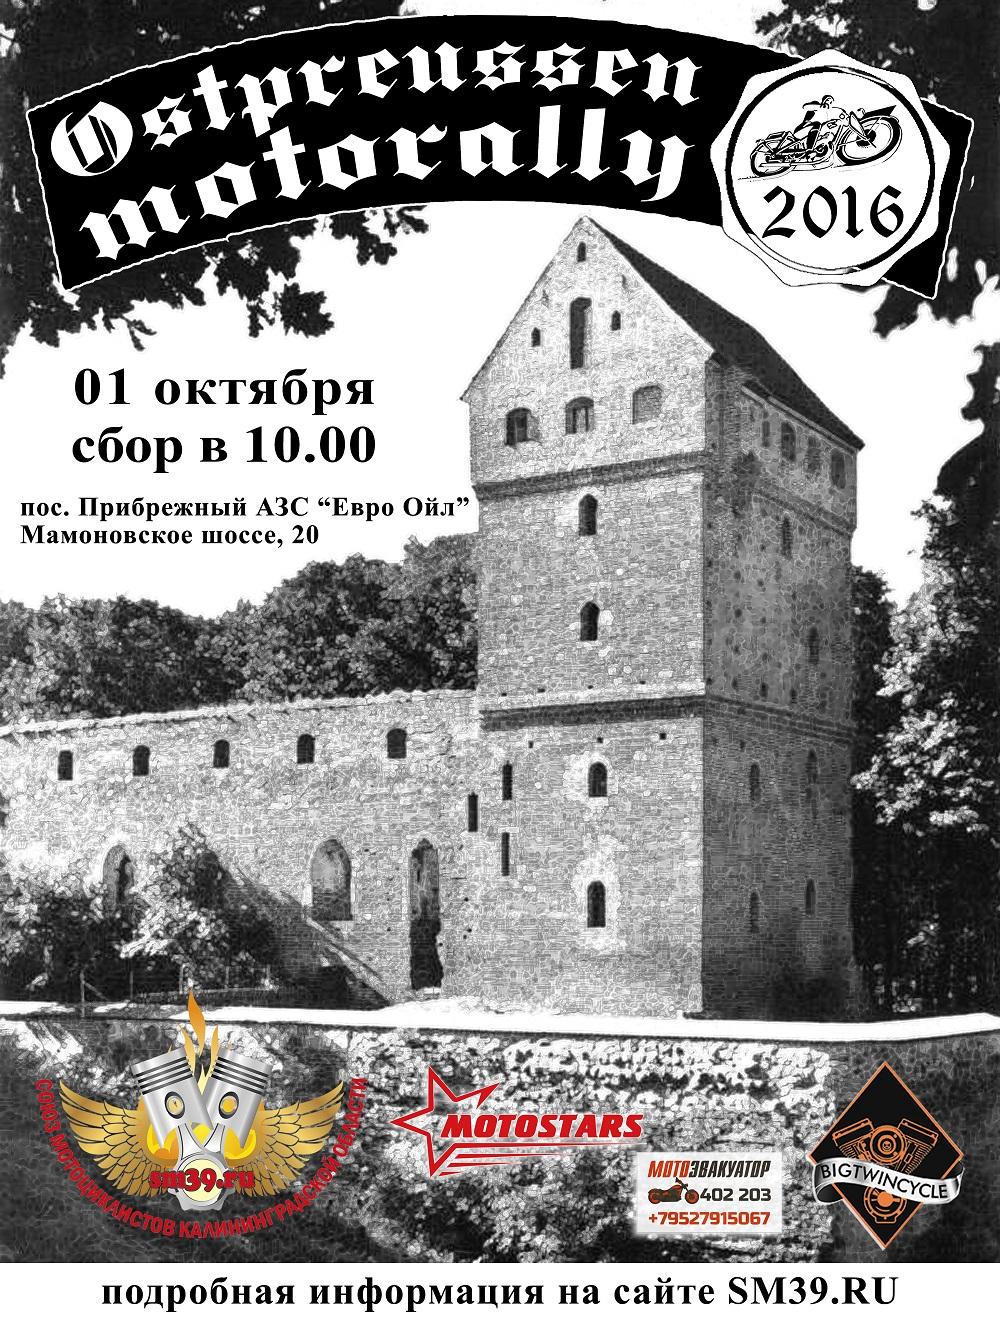 01 октября. Ostpreussen MotoRally – 2016